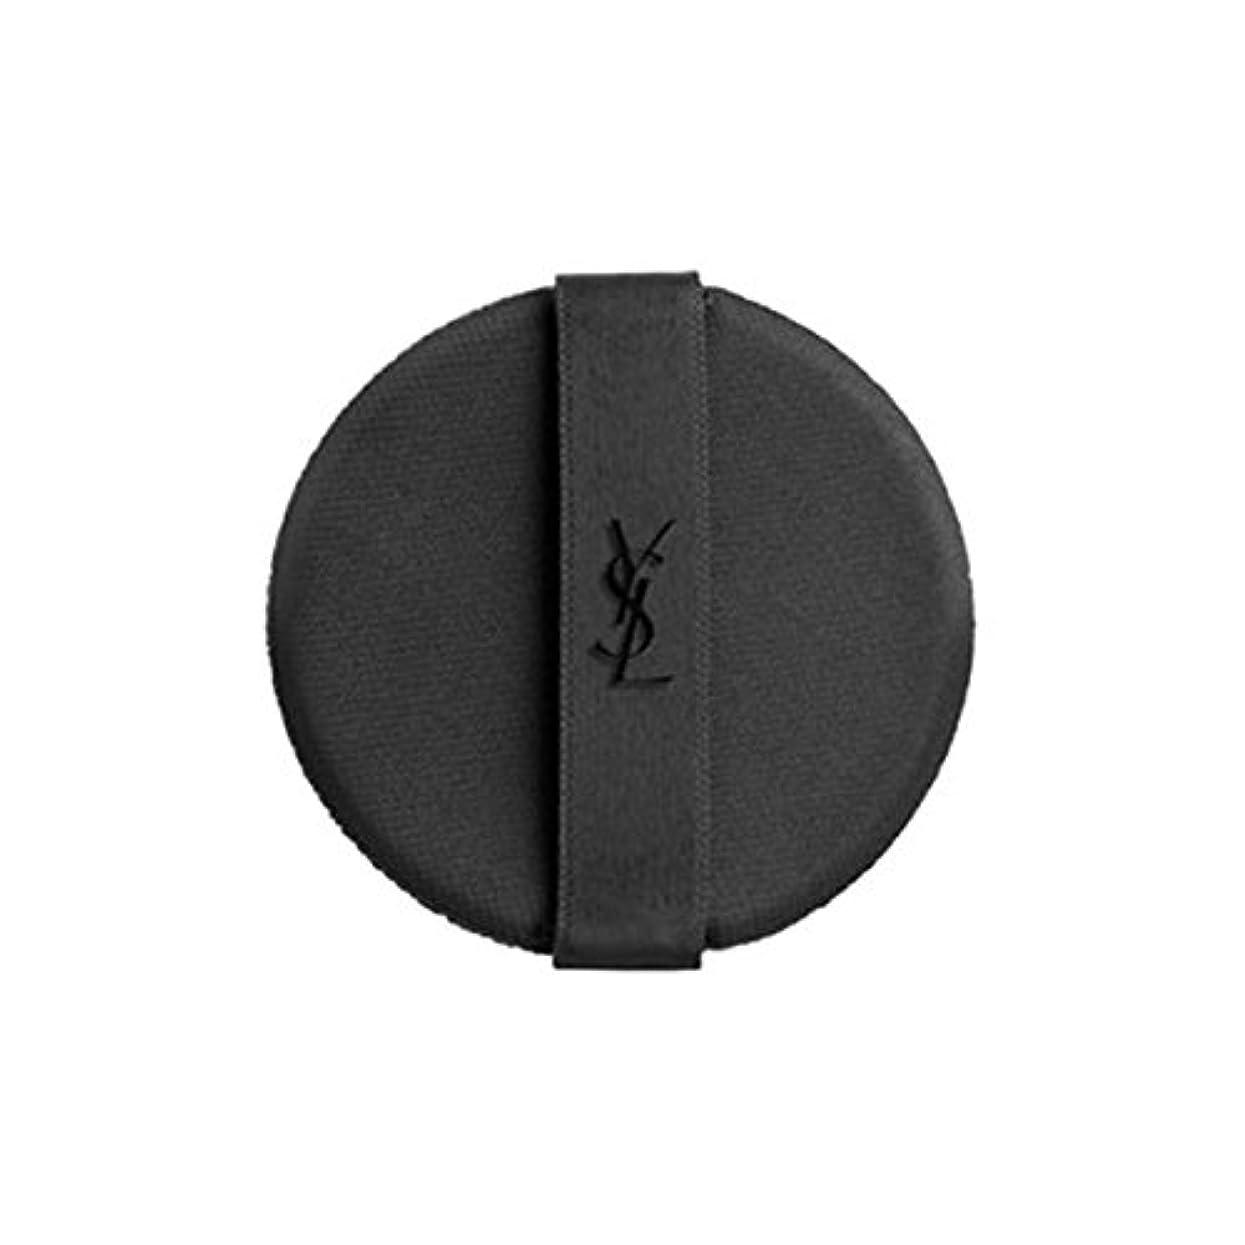 ファイアル粗い談話Yves Saint Laurent(イヴサンローラン) ラディアント タッチ ルクッション スポンジ (2枚入り)